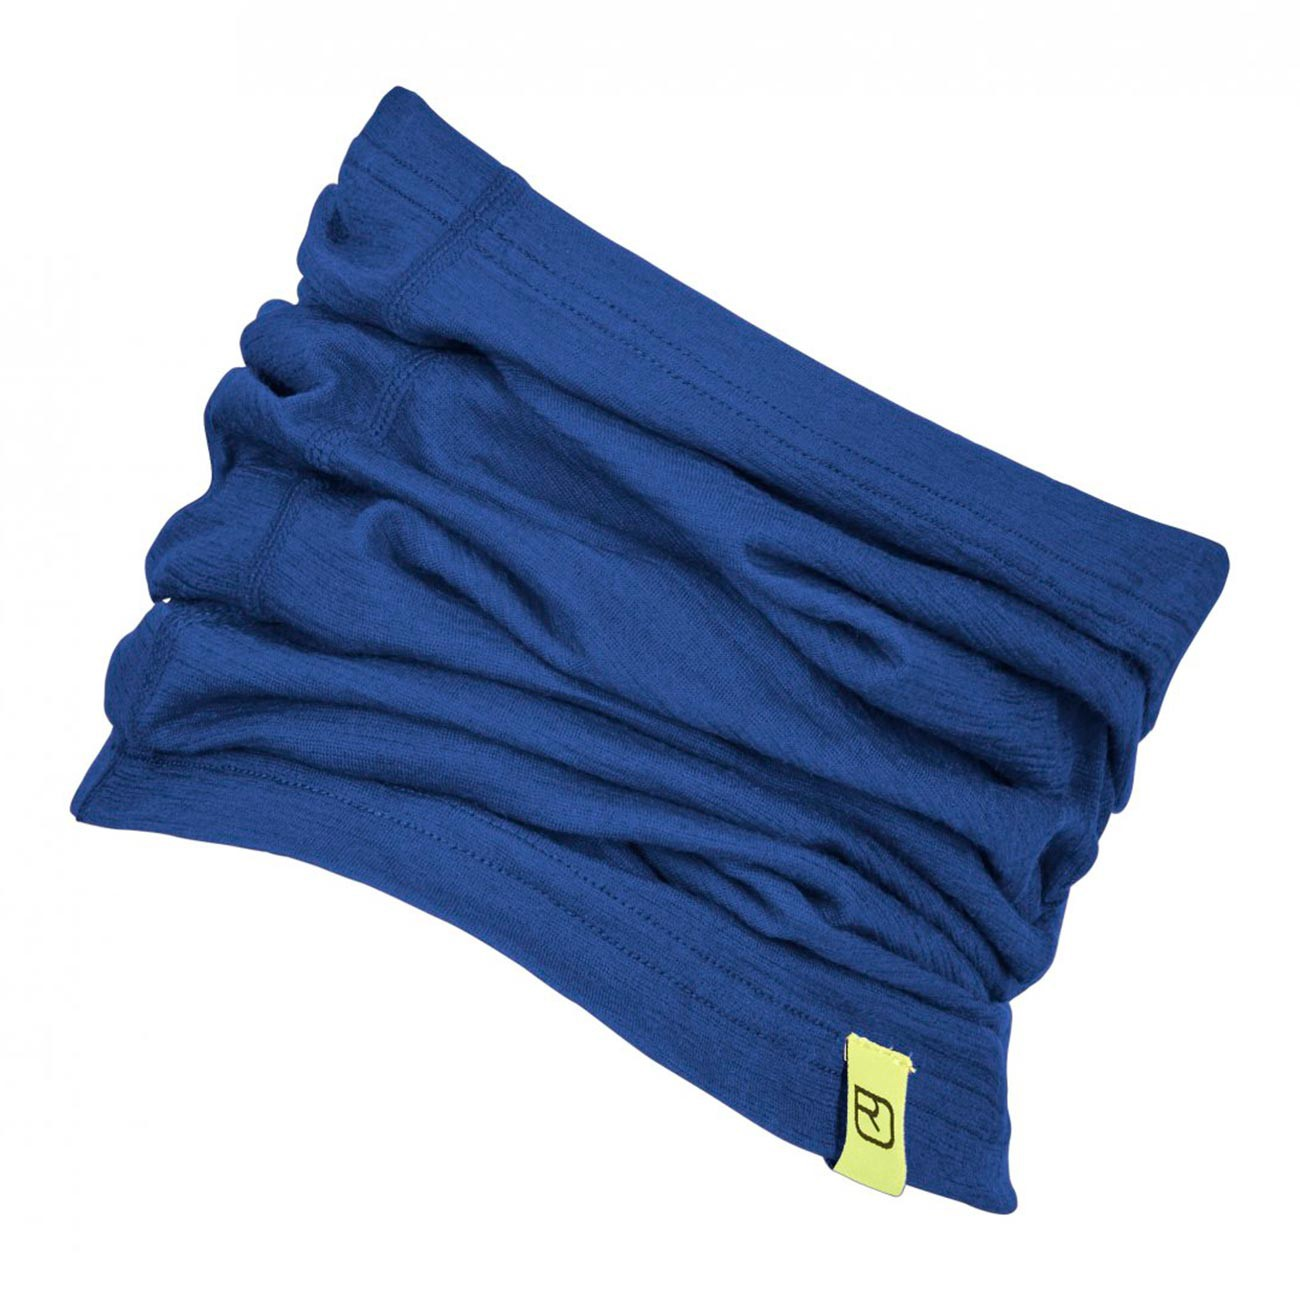 Nákrčník Ortovox Ultra Neck Warmer strong blue